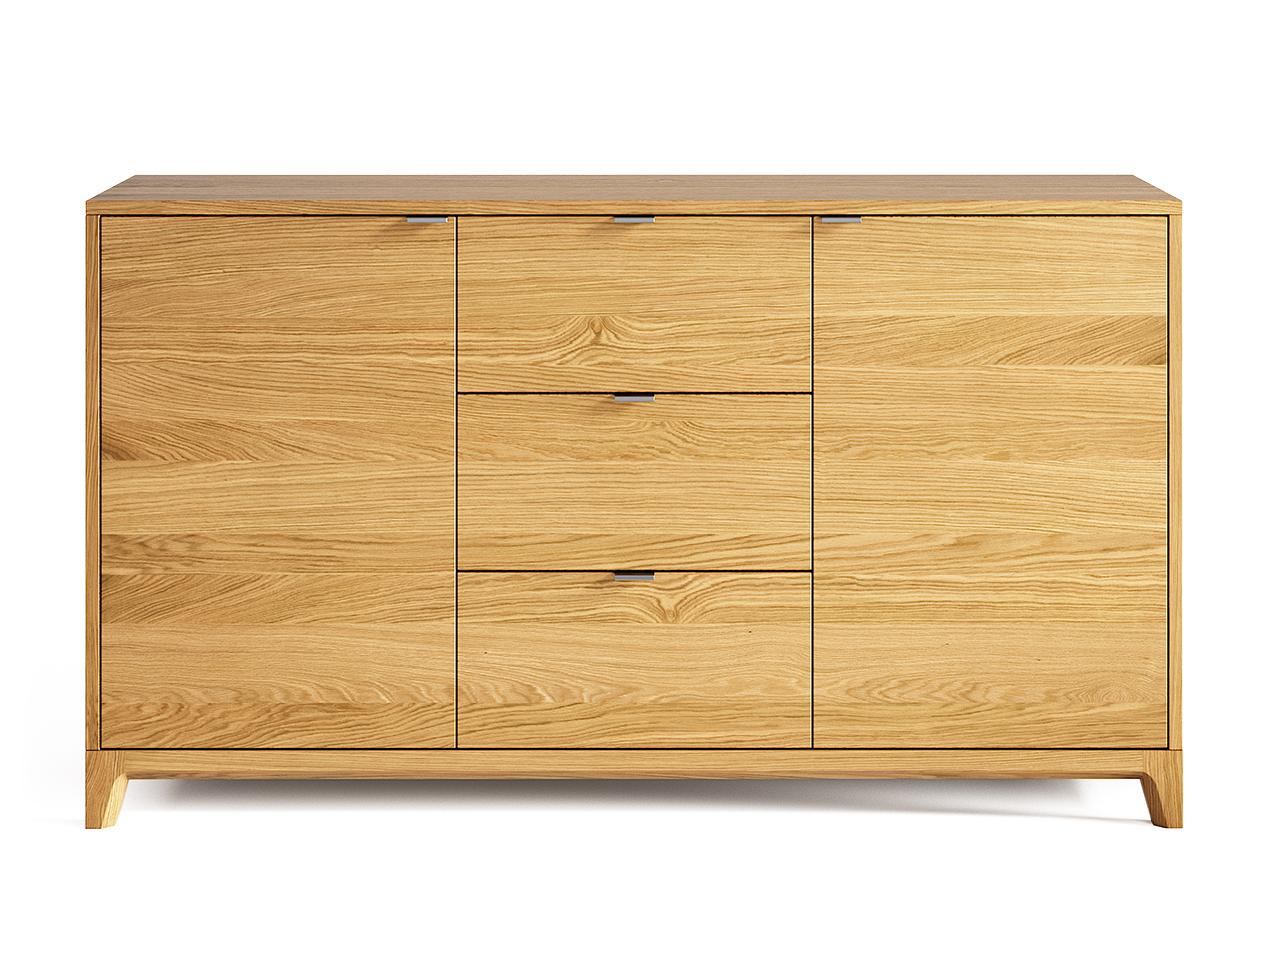 Комод Case (Натуральный дуб)Интерьерные комоды<br>Элегантность и практичность, неповторимая фактура дерева и современный дизайн гармонично сочетаются в комоде CASE.Базовая ширина комода – 140 см, поэтому на нем можно разместить целый ряд предметов.Комод очень вместителен и может использоваться в любом помещении - гостиной, спальне или даже в офисе.<br>Цвет: Натуральный дуб.<br>Материал: Массив дуба, натуральный шпон дуба, МДФ, ДСП, лак.<br>